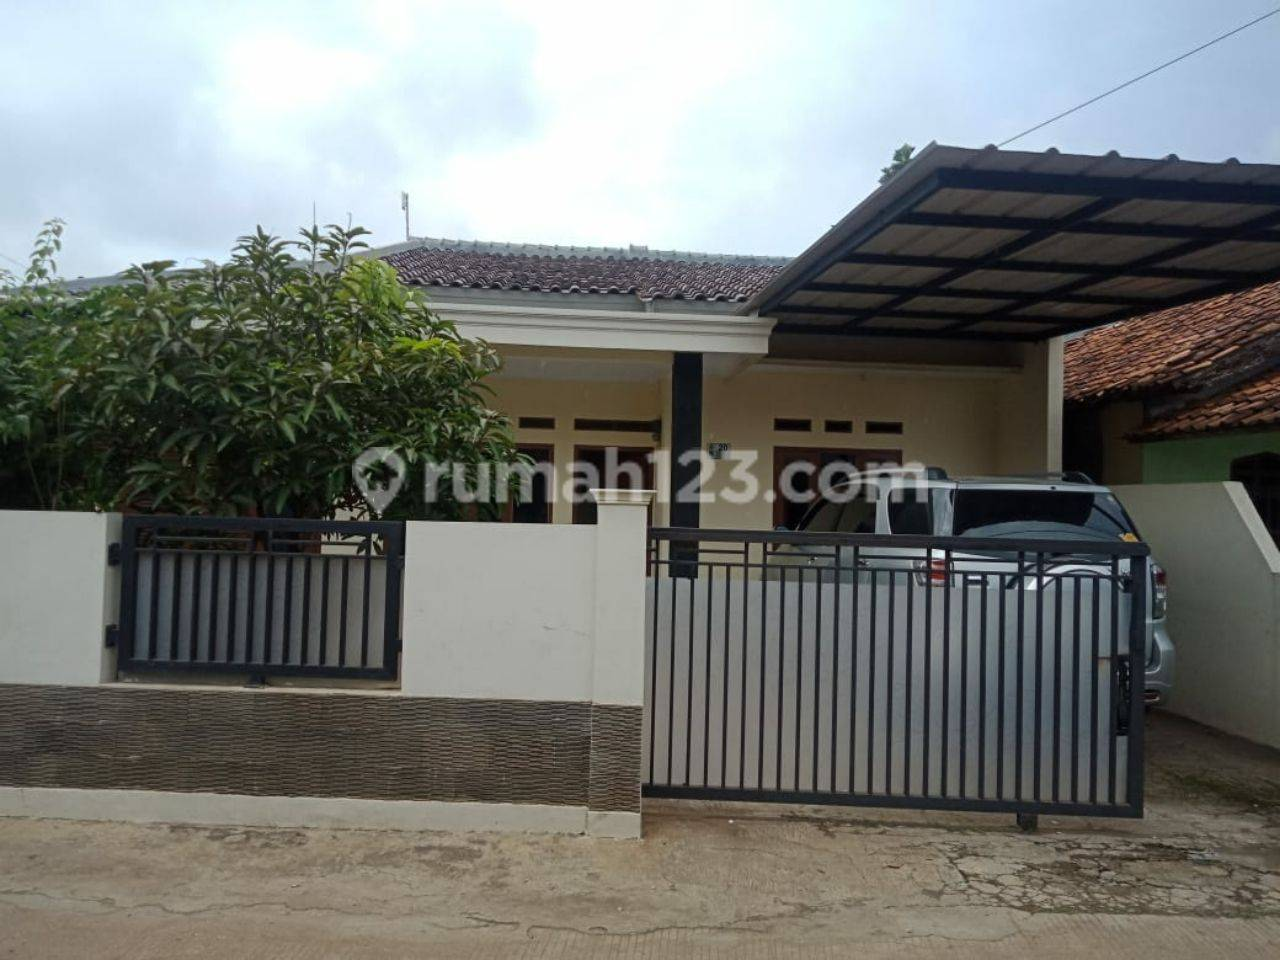 Rumah Murah Siap Huni dengan Tanah yg Besar di Tapos Depok